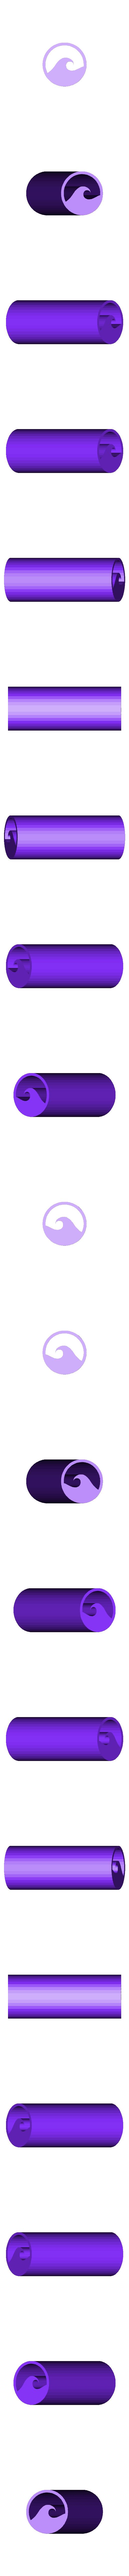 Ola.STL Télécharger fichier STL 36 CONSEILS SUR LES FILTRES À MAUVAISES HERBES VOL.1+2+3+4 • Design pour impression 3D, SnakeCreations